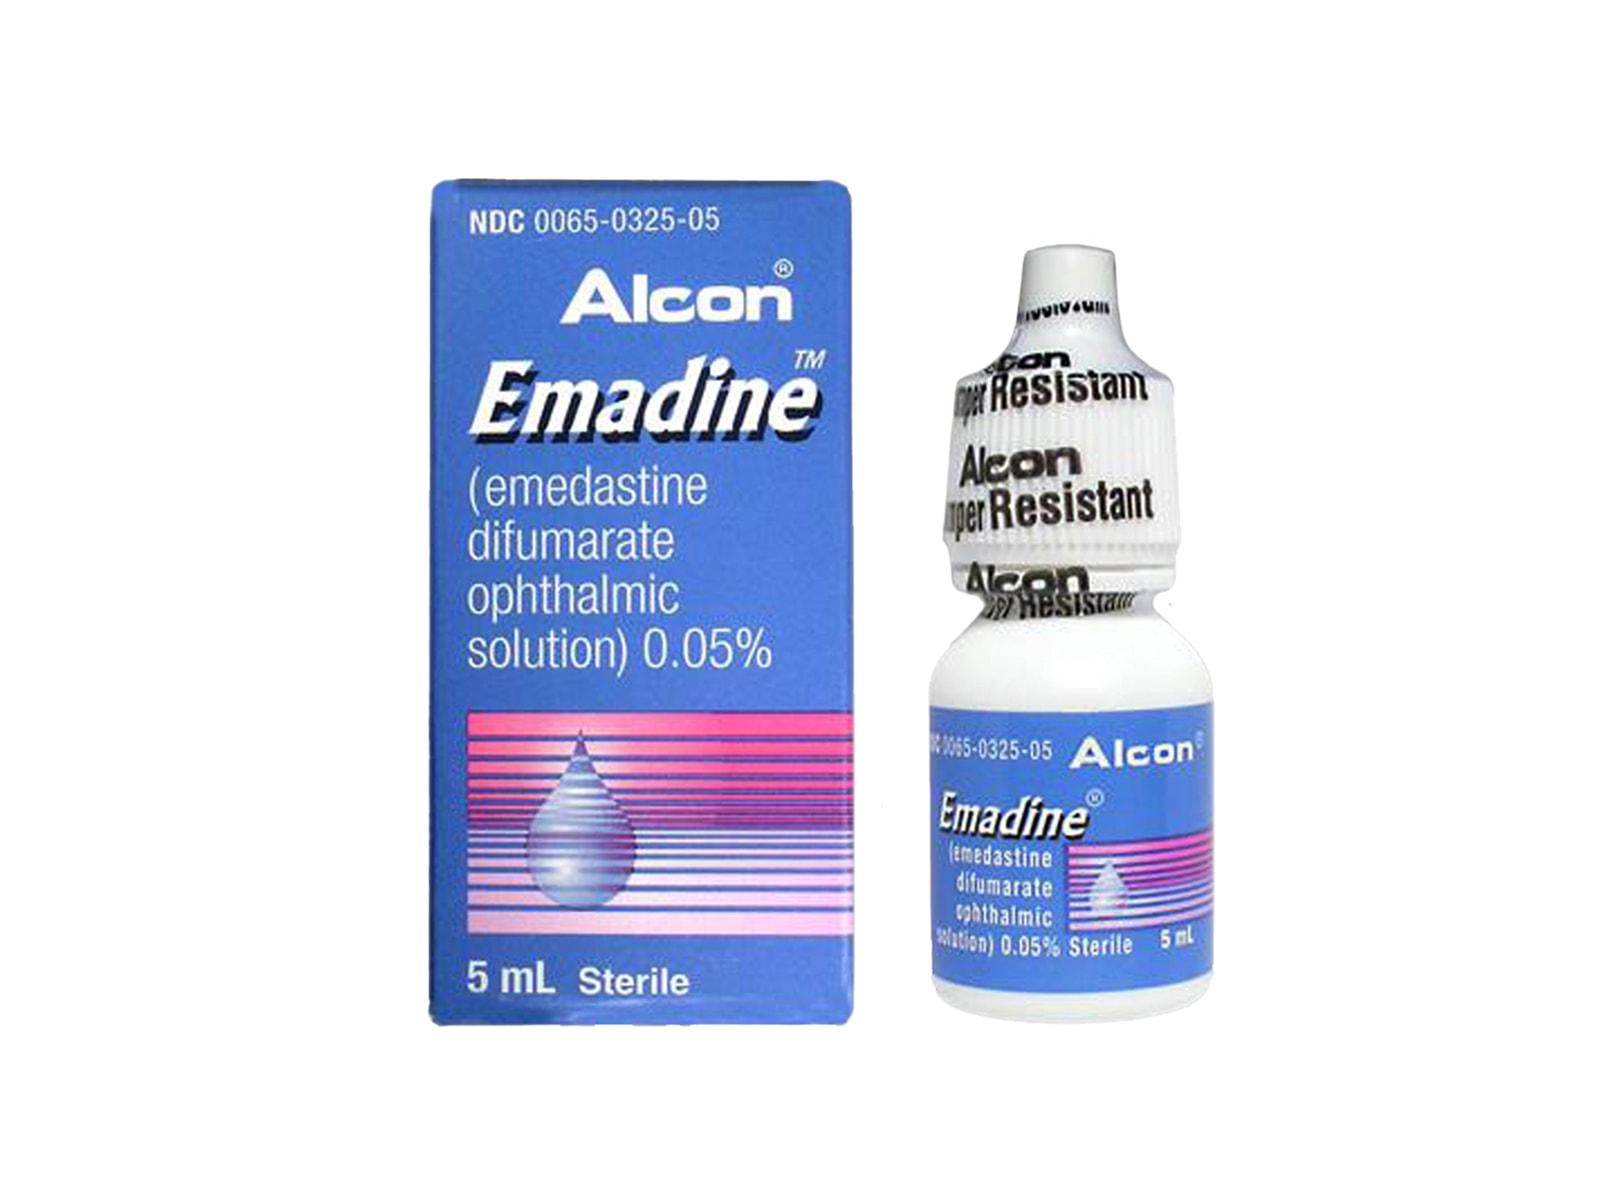 Emadine